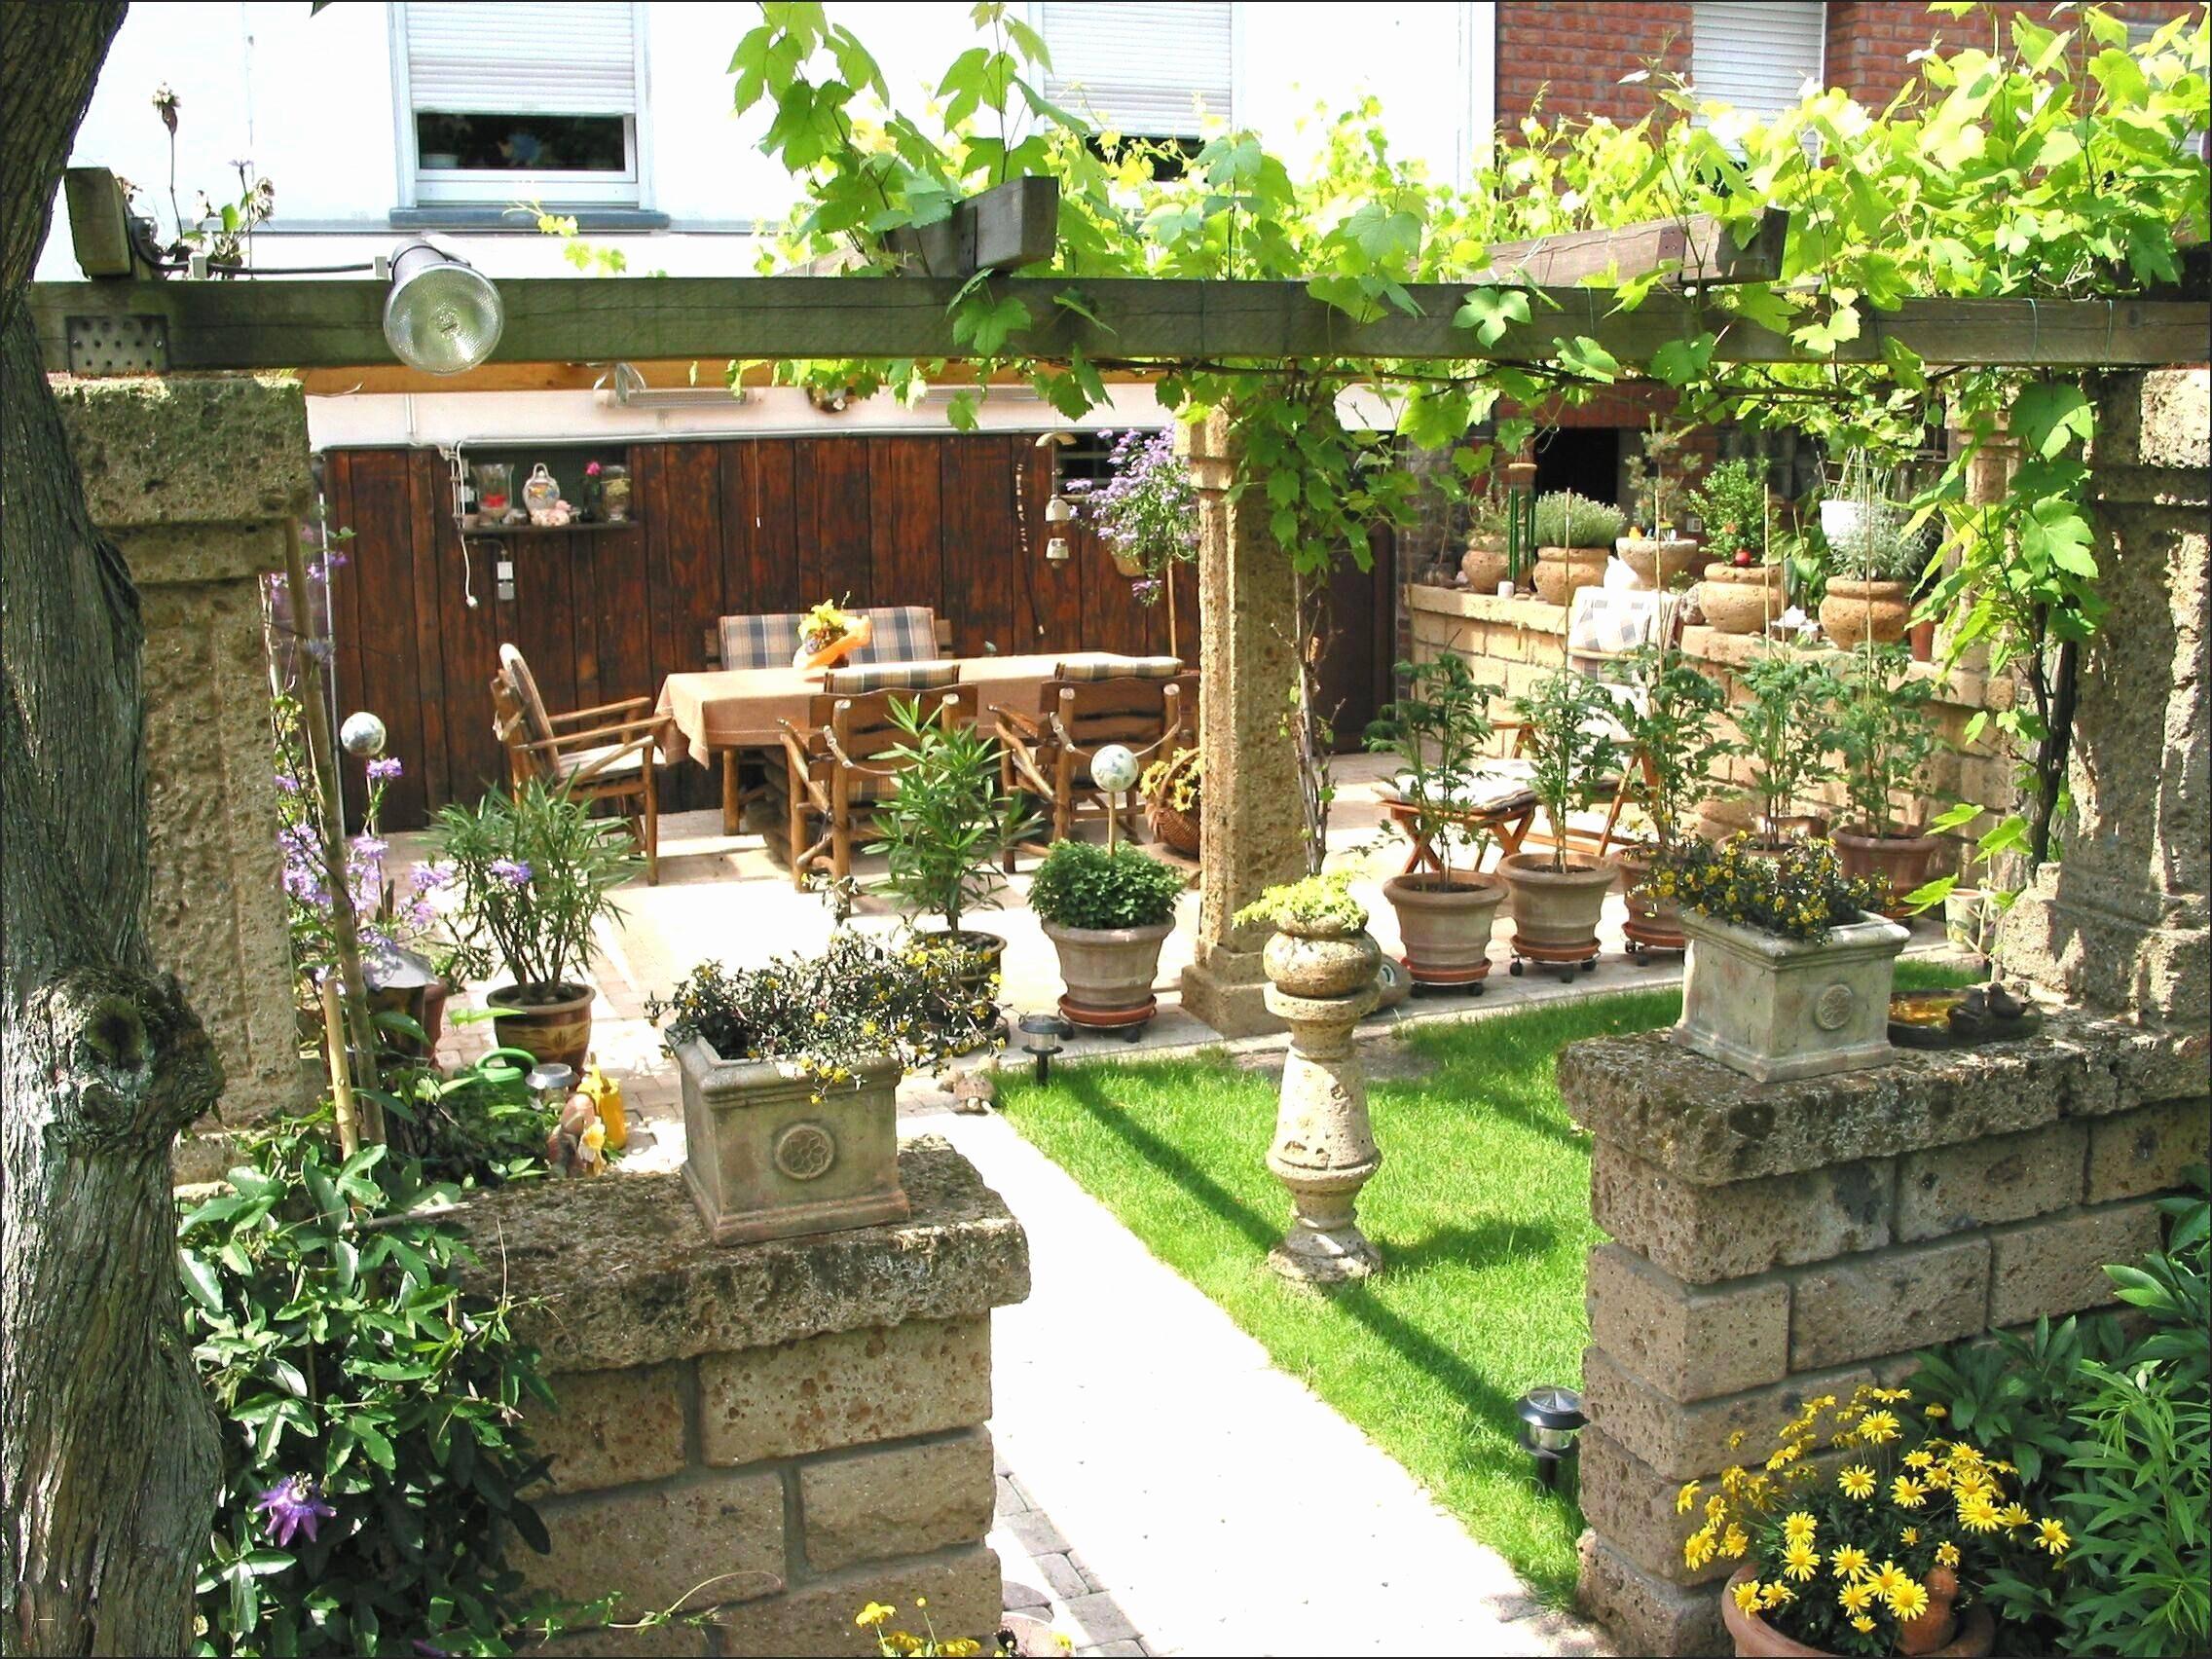 terrassen beispiele garten garten gestalten mit wenig geld beispiele kleingarten ideen 0d fur of terrassen beispiele garten